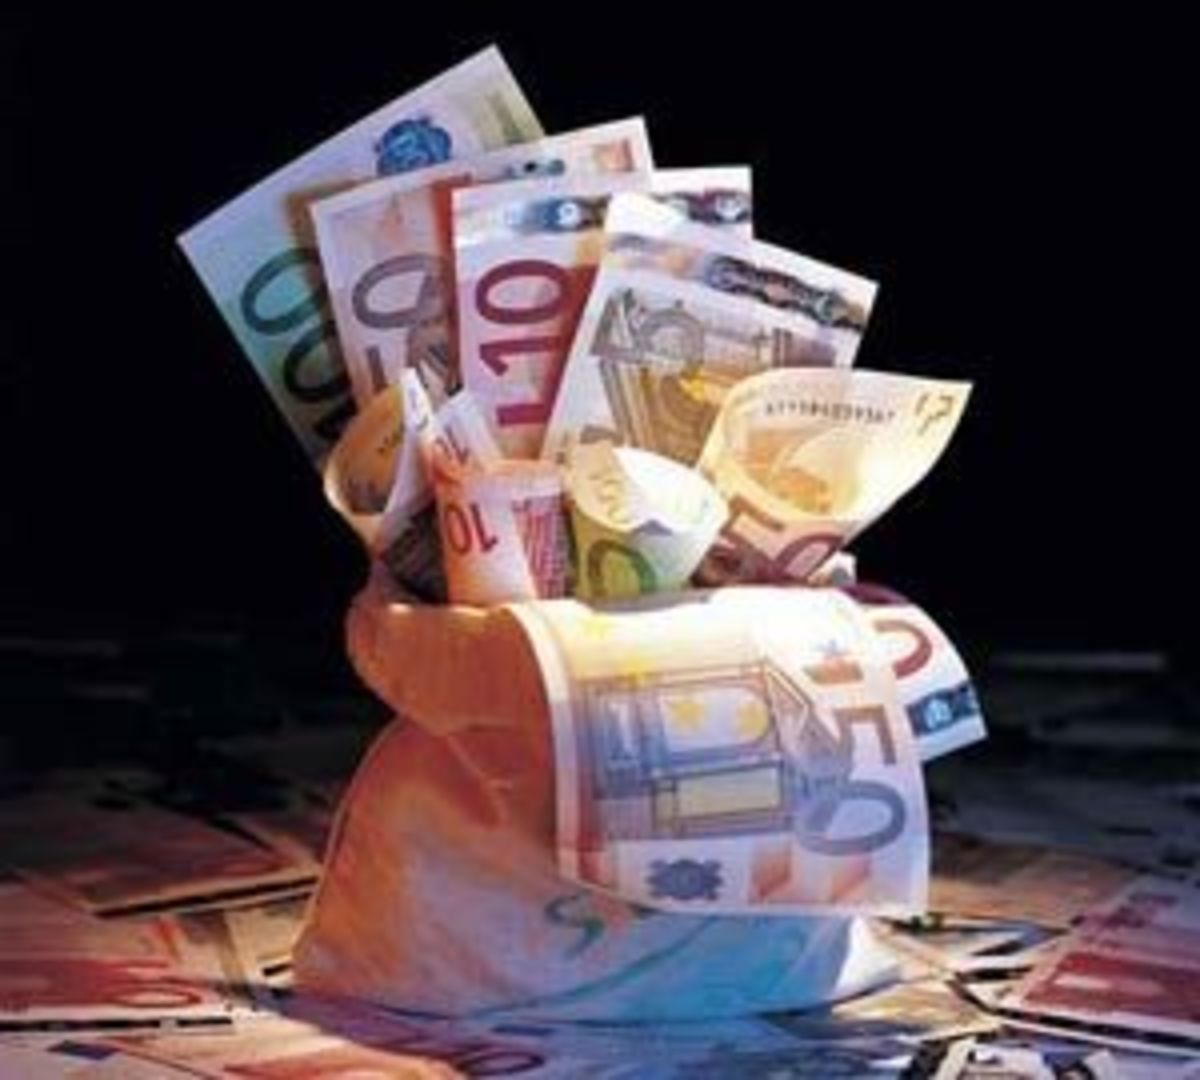 Νέος δανεισμός για να καλυφθεί το έλλειμμα | Newsit.gr